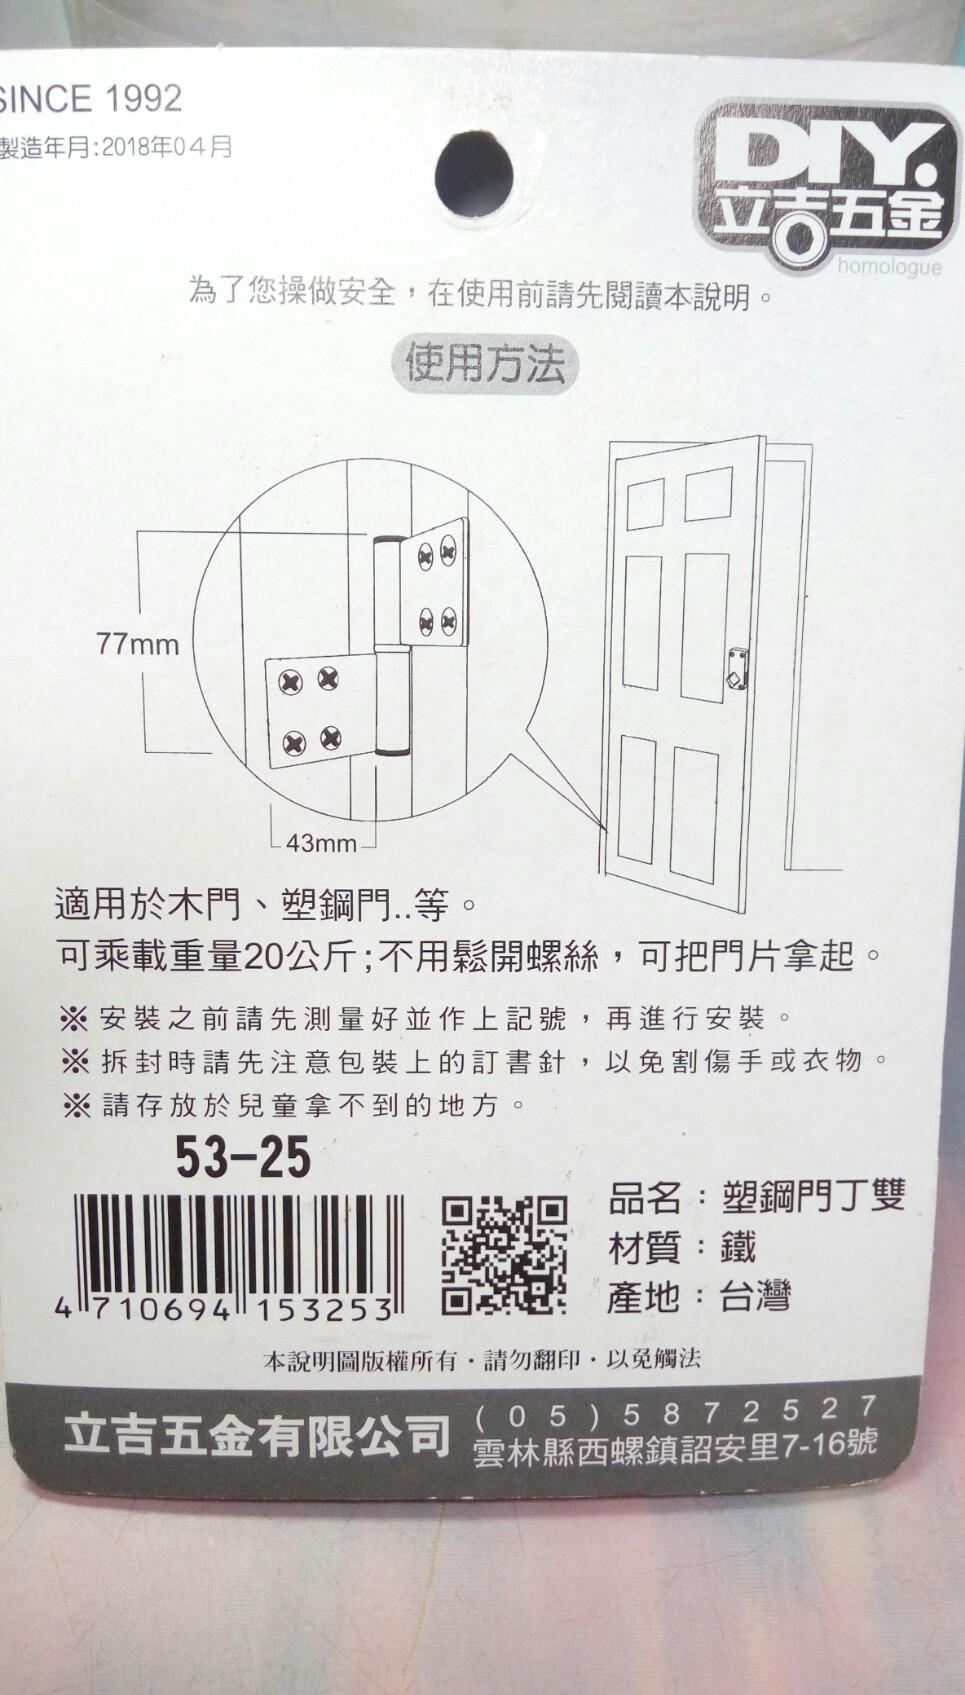 【八八八】e網購~【塑鋼門丁雙 53-25 】153253丁雙 居家小五金 DIY五金